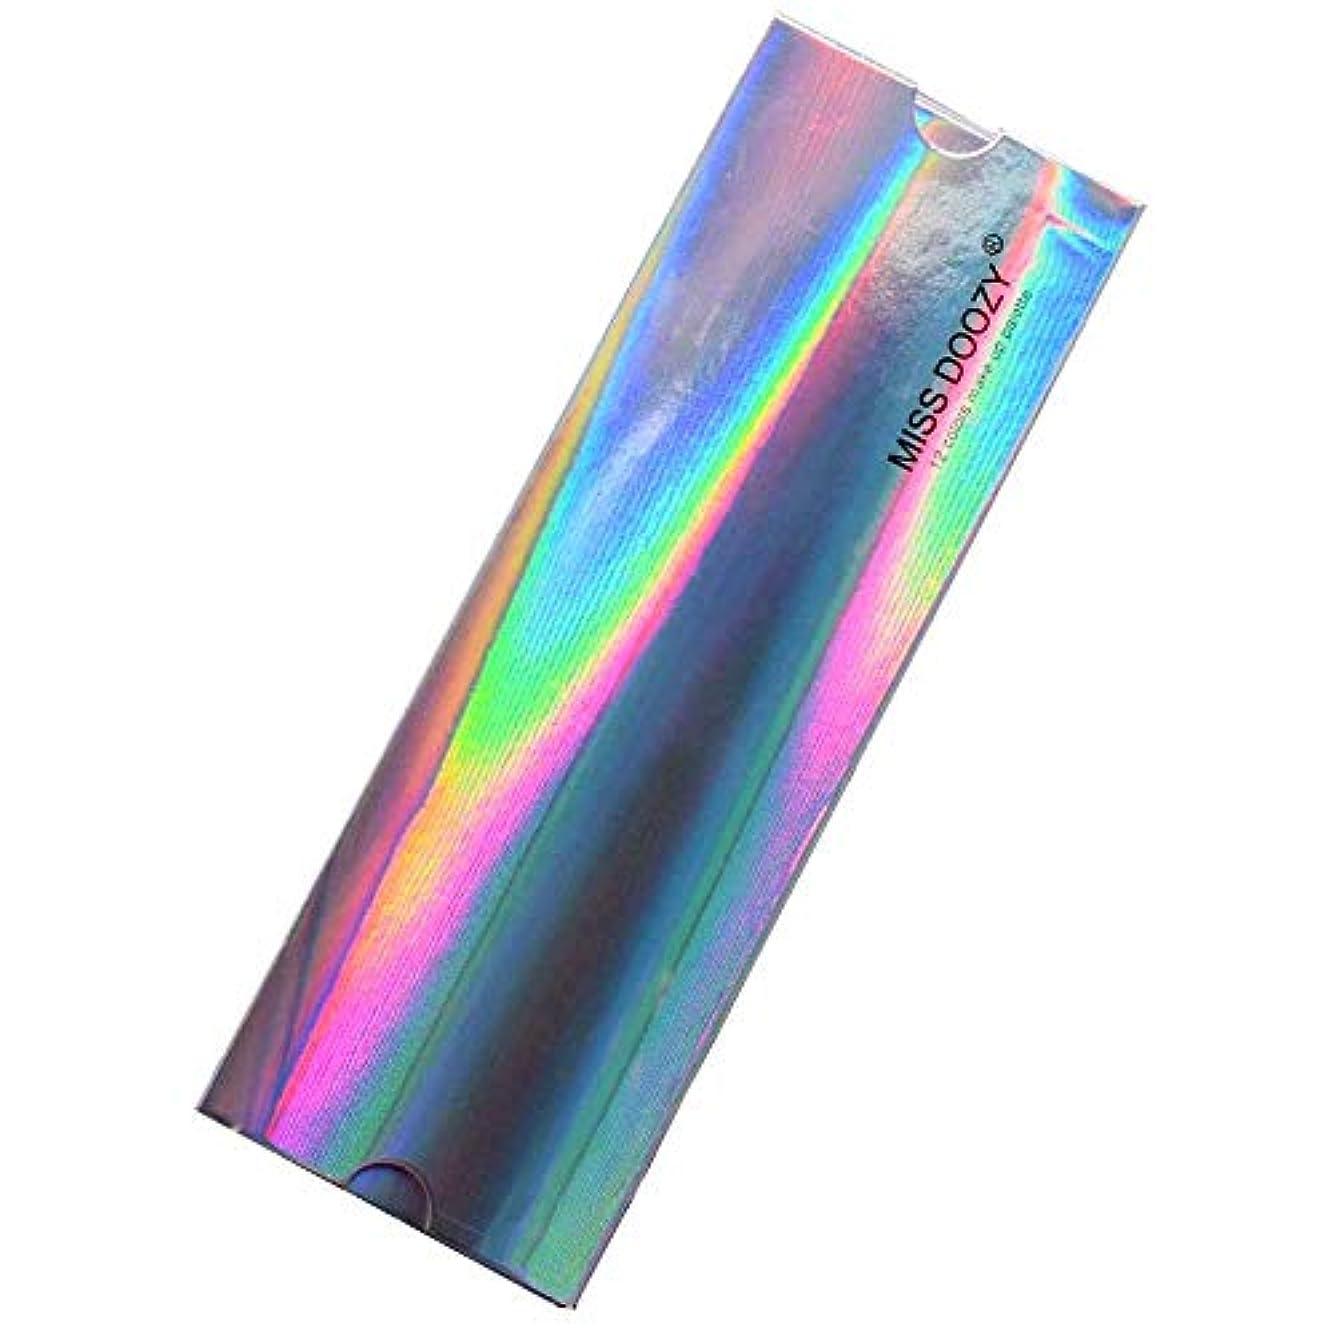 盲目くそー更新するキラキラアイシャドーパウダーパレットマットアイシャドー化粧品メイクアップ